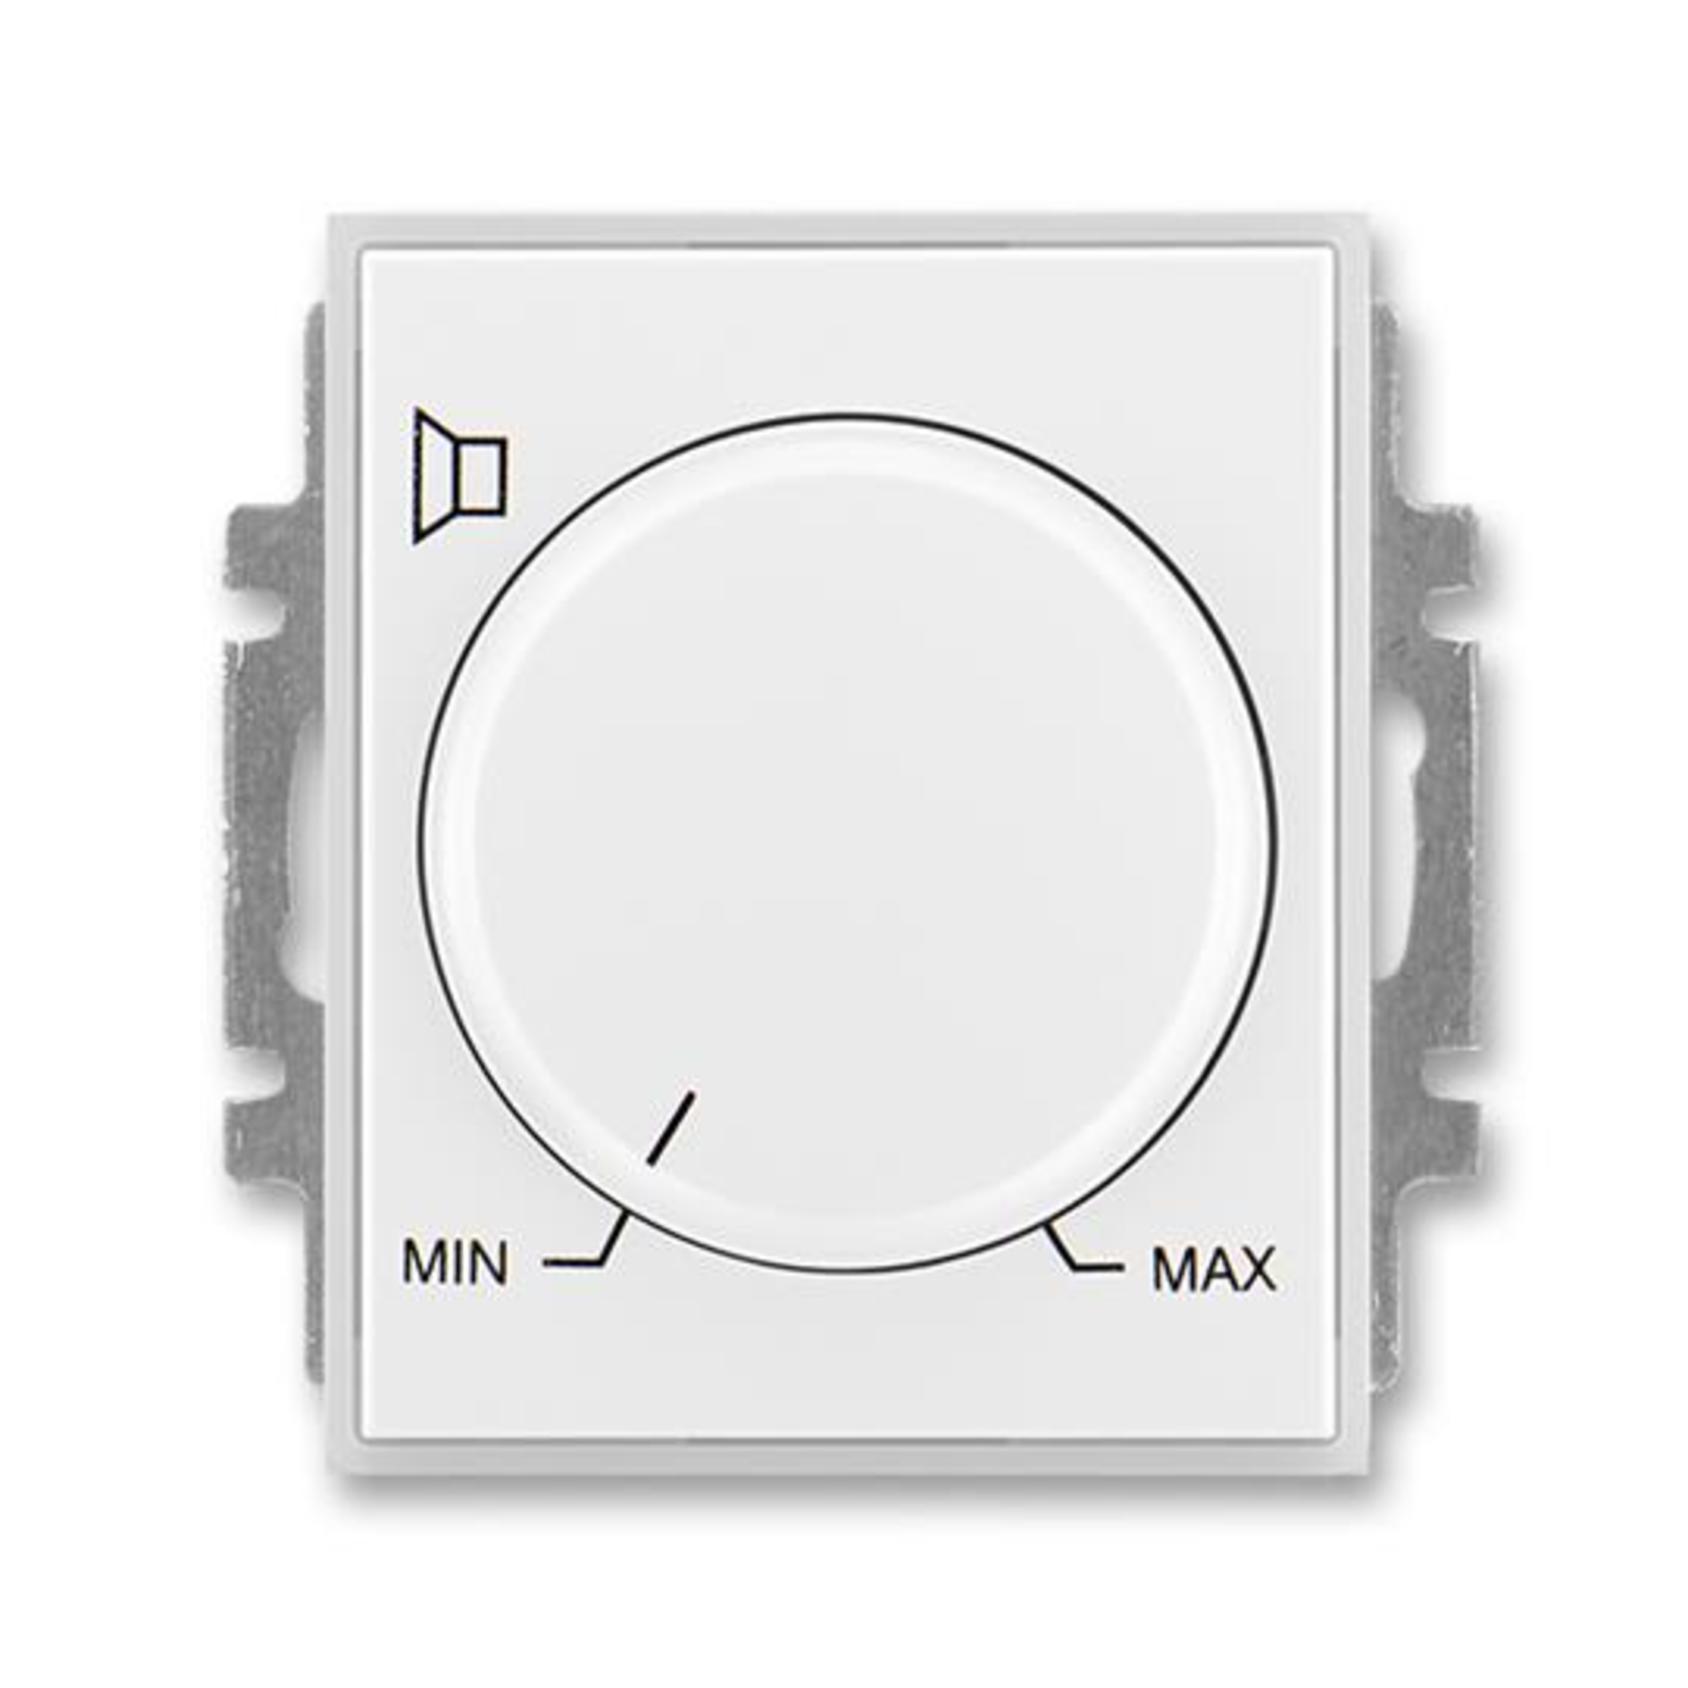 ABB 5016E-A10100 01 Element Regulátor hlasitosti 100 V, s krytem